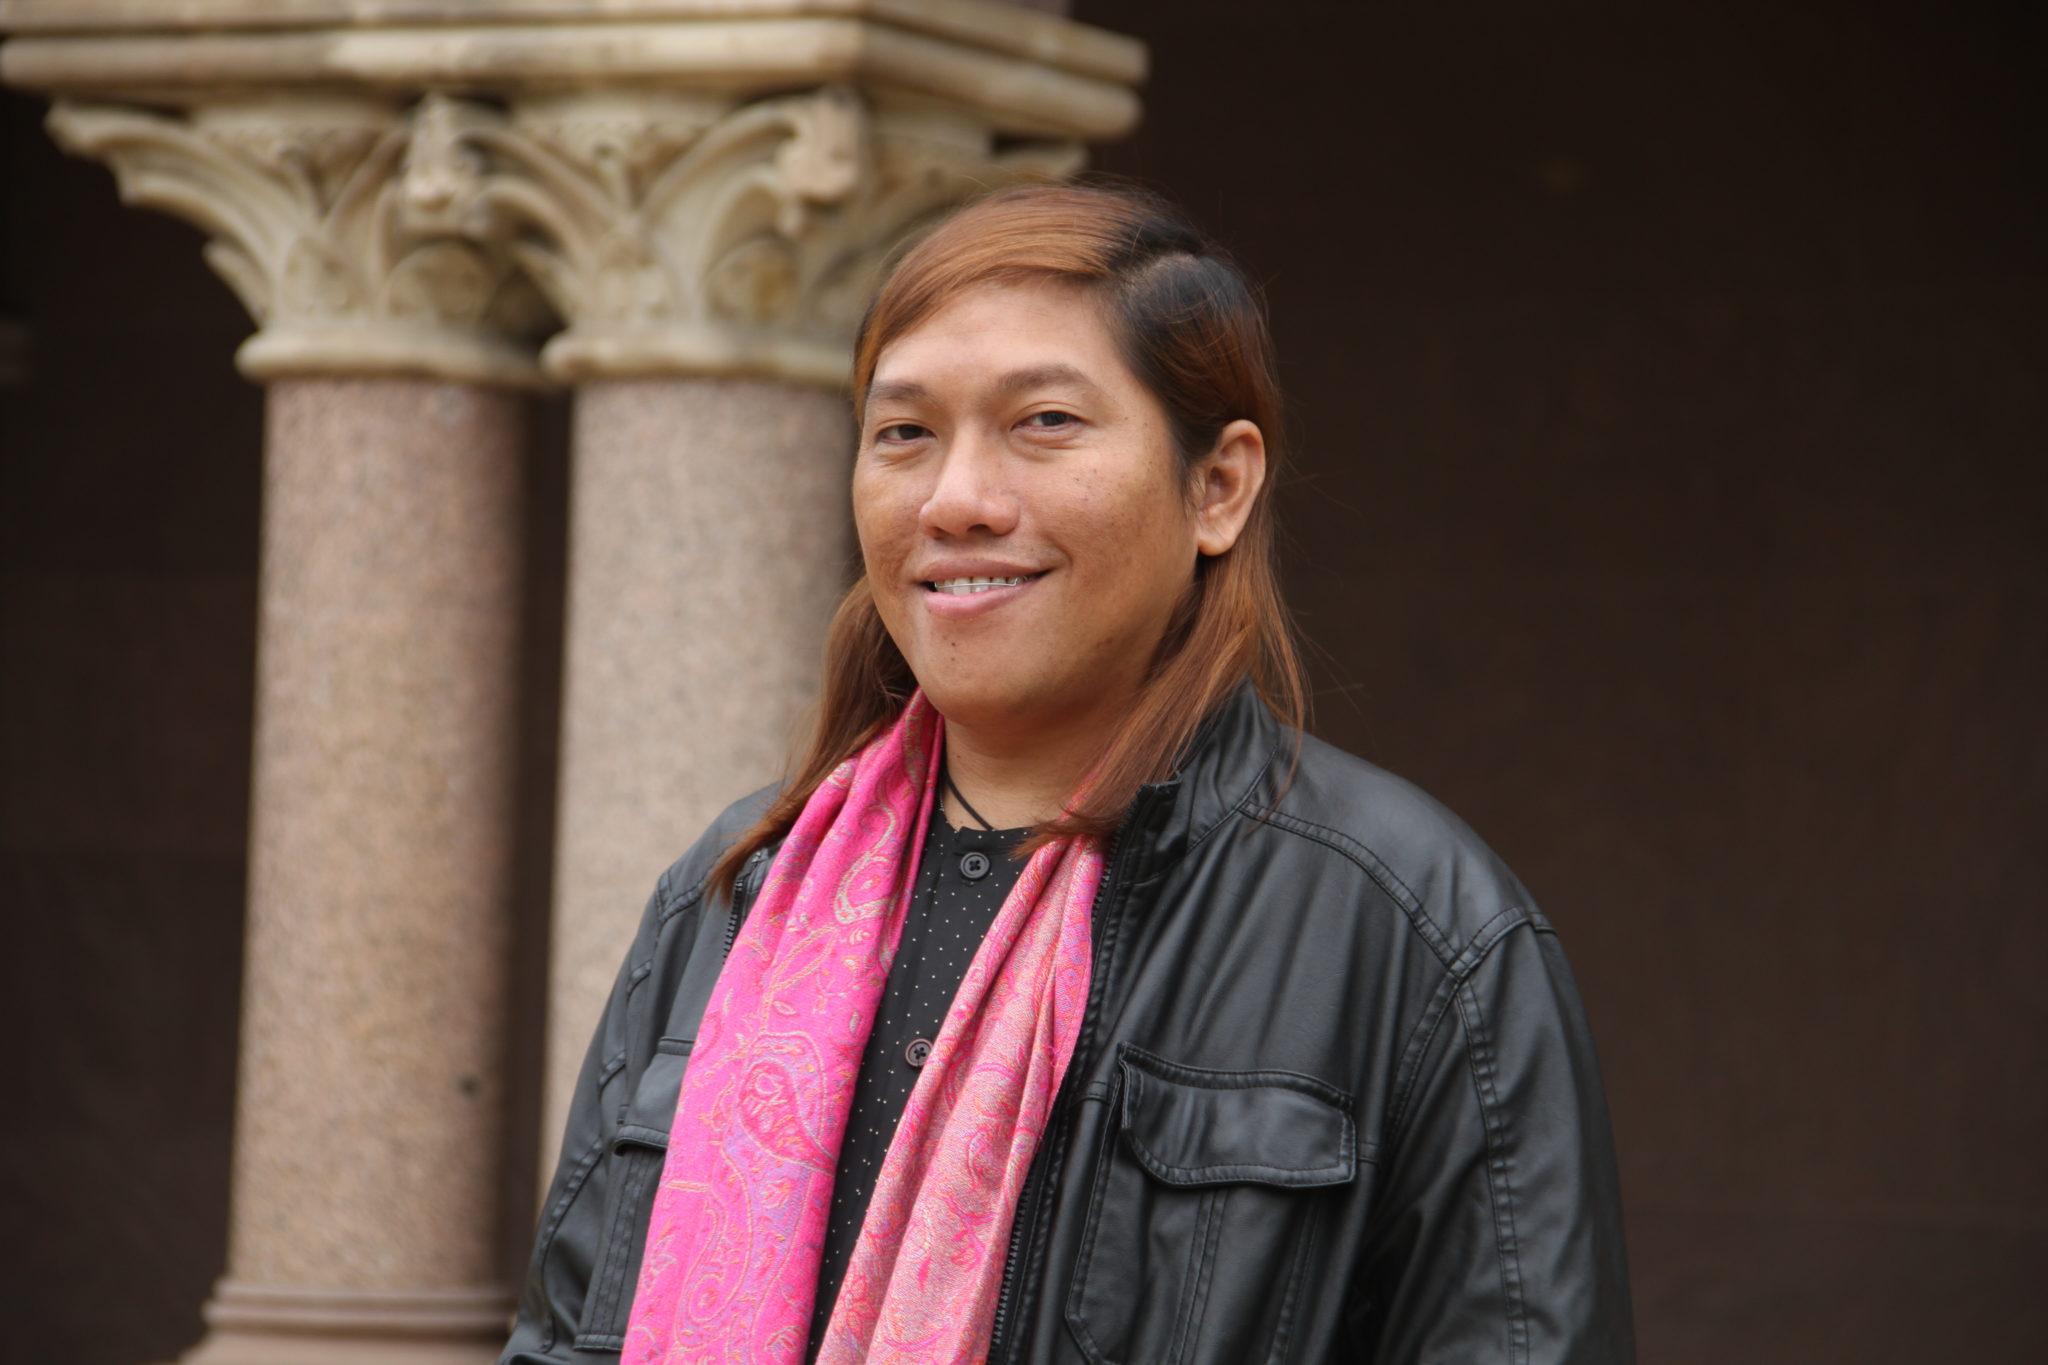 Raphy Domingo